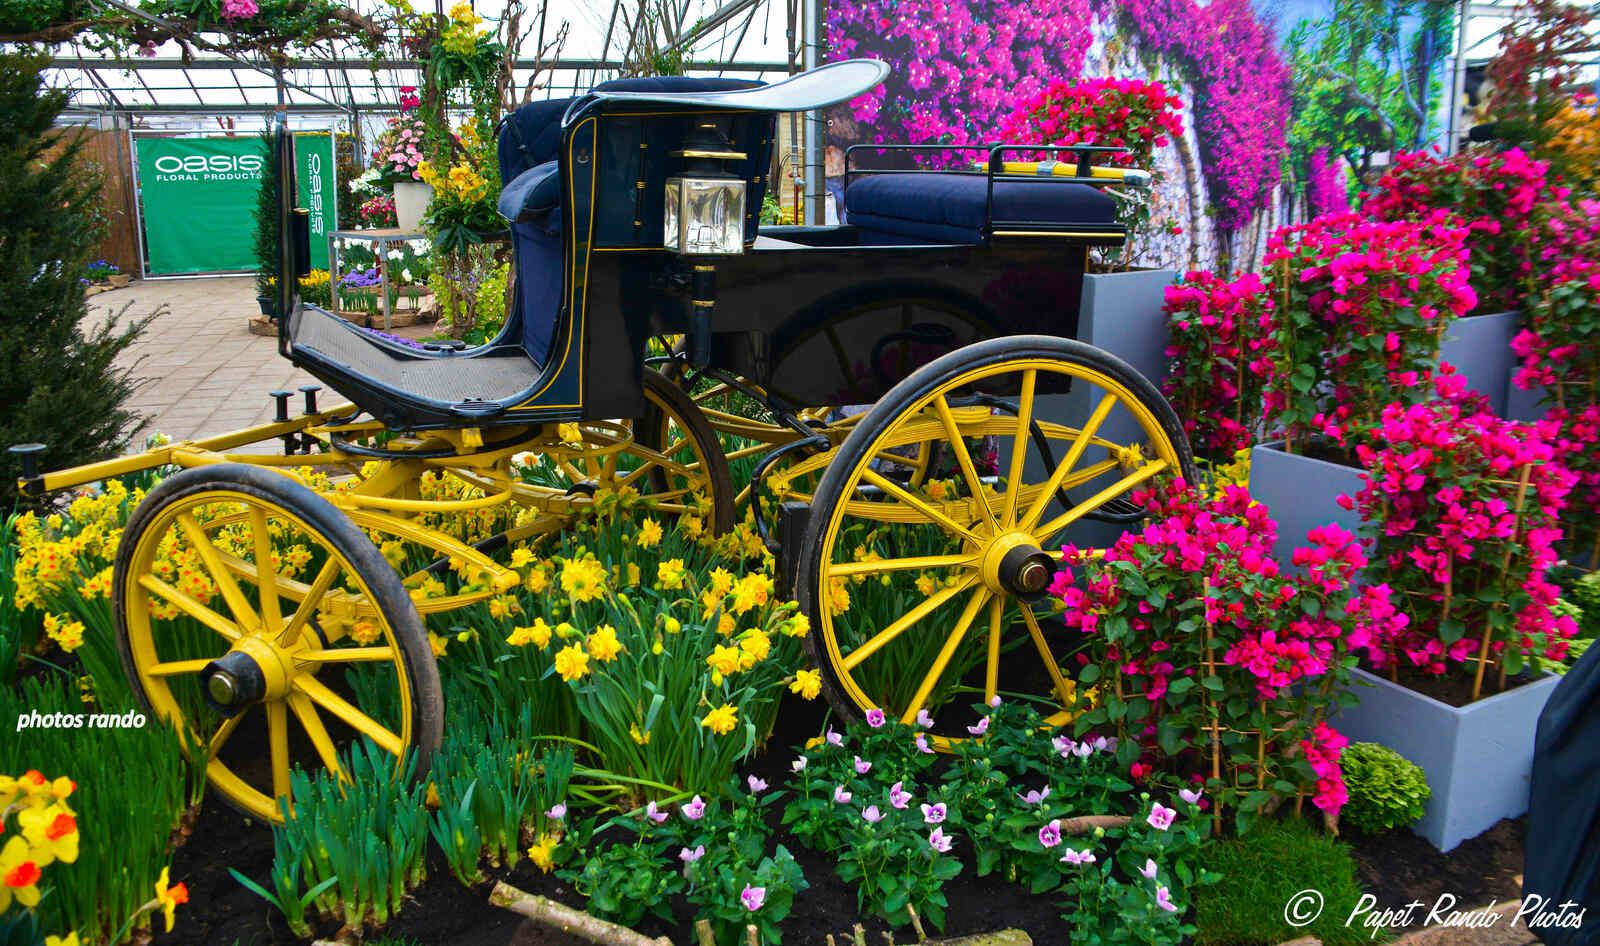 Les Floralies de Grand Bigard, photos sur plusieurs années, endroit magnifique avec plus 1 million de bulles partout dans le parc